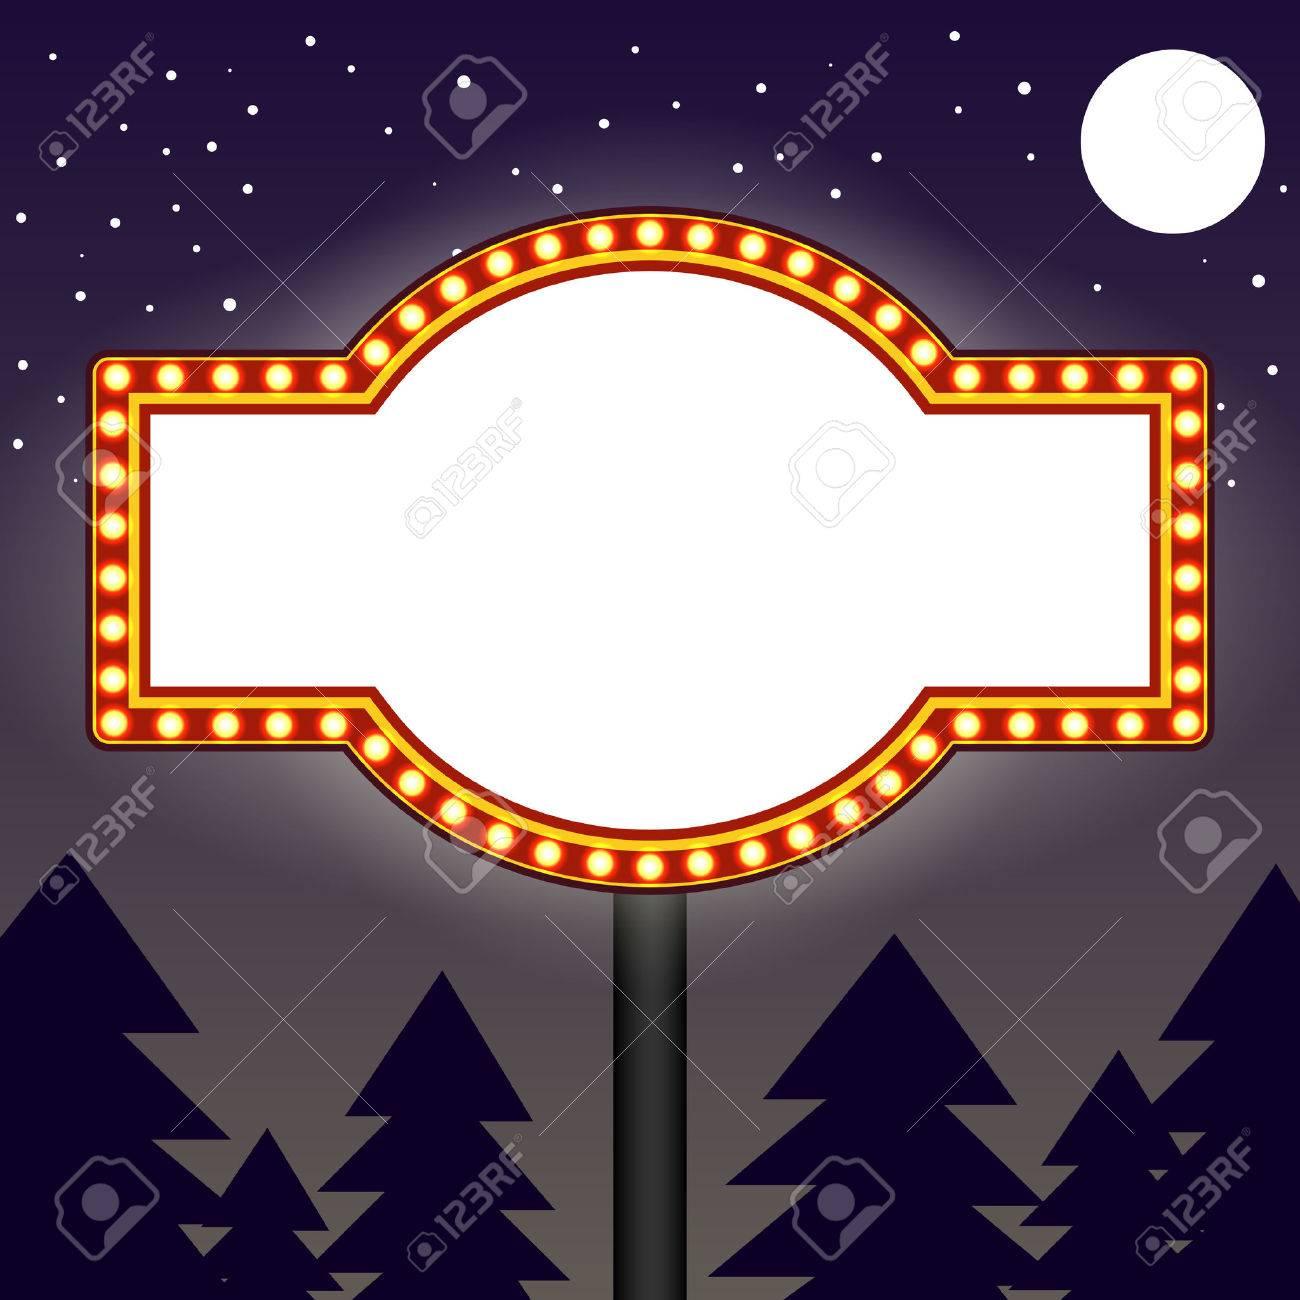 Marquee light bulbs billboard - 42867486